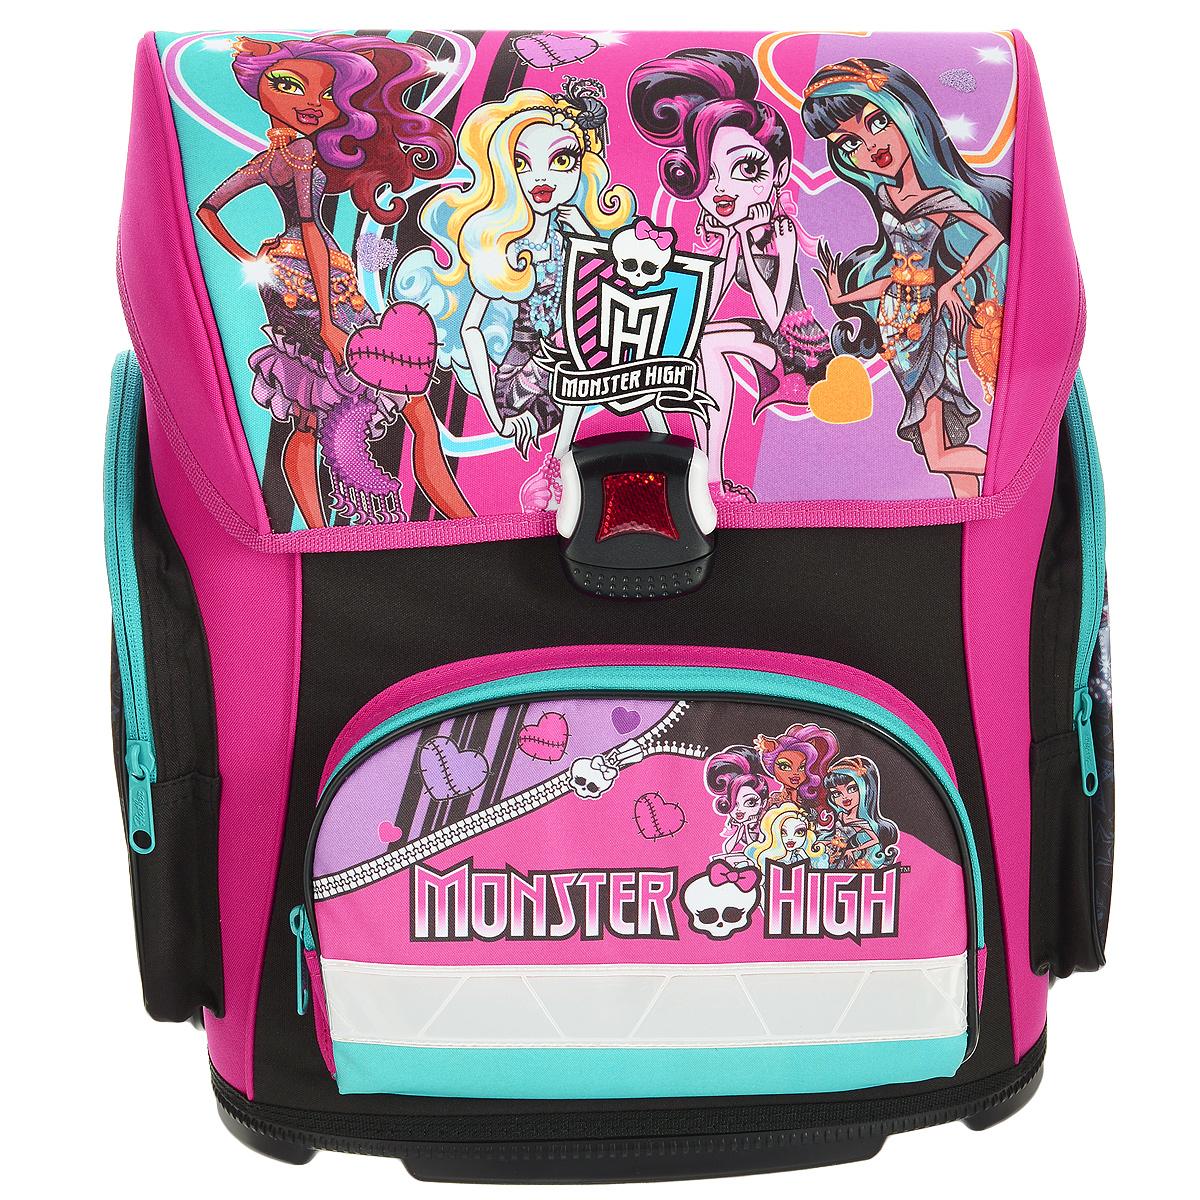 Ранец школьный Hatber Monster High, модель Optimum, цвет: черный, розовый72523WDРанец школьный Hatber Monster High выполнен из водонепроницаемого, морозоустойчивого, устойчивого к солнечному излучению материала. Изделие оформлено изображениями героев мультфильма Школа монстров. Ранец содержит одно вместительное отделение, закрывающееся клапаном на пластиковый замок-защелку, который является морозоустойчивым, отличается долгим сроком службы. Внутри отделения имеется одна перегородка для тетрадей, учебников, маленький карман-косметичка на пластиковой молнии и накладной пластиковый кармашек, предназначенный для расписания уроков (имеется вкладыш для заполнения). Верхний клапан полностью откидывается, что существенно облегчает пользование ранцем. Ранец имеет два боковых кармана, закрывающихся на молнии и один карман на молнии на лицевой стороне. Ранец оснащен ручкой с резиновой насадкой для удобной переноски. Специальная жесткая конструкция спинки ранца оптимально распределяет нагрузку на позвоночник ребенка, способствуя формированию правильной осанки. В нижней части спинки расположен поясничный валик, на который, при правильном ношении, приходится основная нагрузка. Для удобства и комфорта, спинка и лямки ранца дополнены эргономичными подушечками, противоскользящей сеточкой с вентиляционными отверстиями. S-образная форма лямок обеспечивает более плотную фиксацию ранца, предотвращая перенапряжение мышц. Мягкие анатомические лямки позволяют легко и быстро отрегулировать ранец в соответствии с ростом ребенка. Дно ранца выполнено из пластика высокого качества, оно не деформируется, обеспечивает ранцу хорошую устойчивость и легко очищается от загрязнений.Светоотражающие элементы на лицевой и боковой стороне, а также на лямках рюкзака обеспечивают дополнительную безопасность в темное время суток.